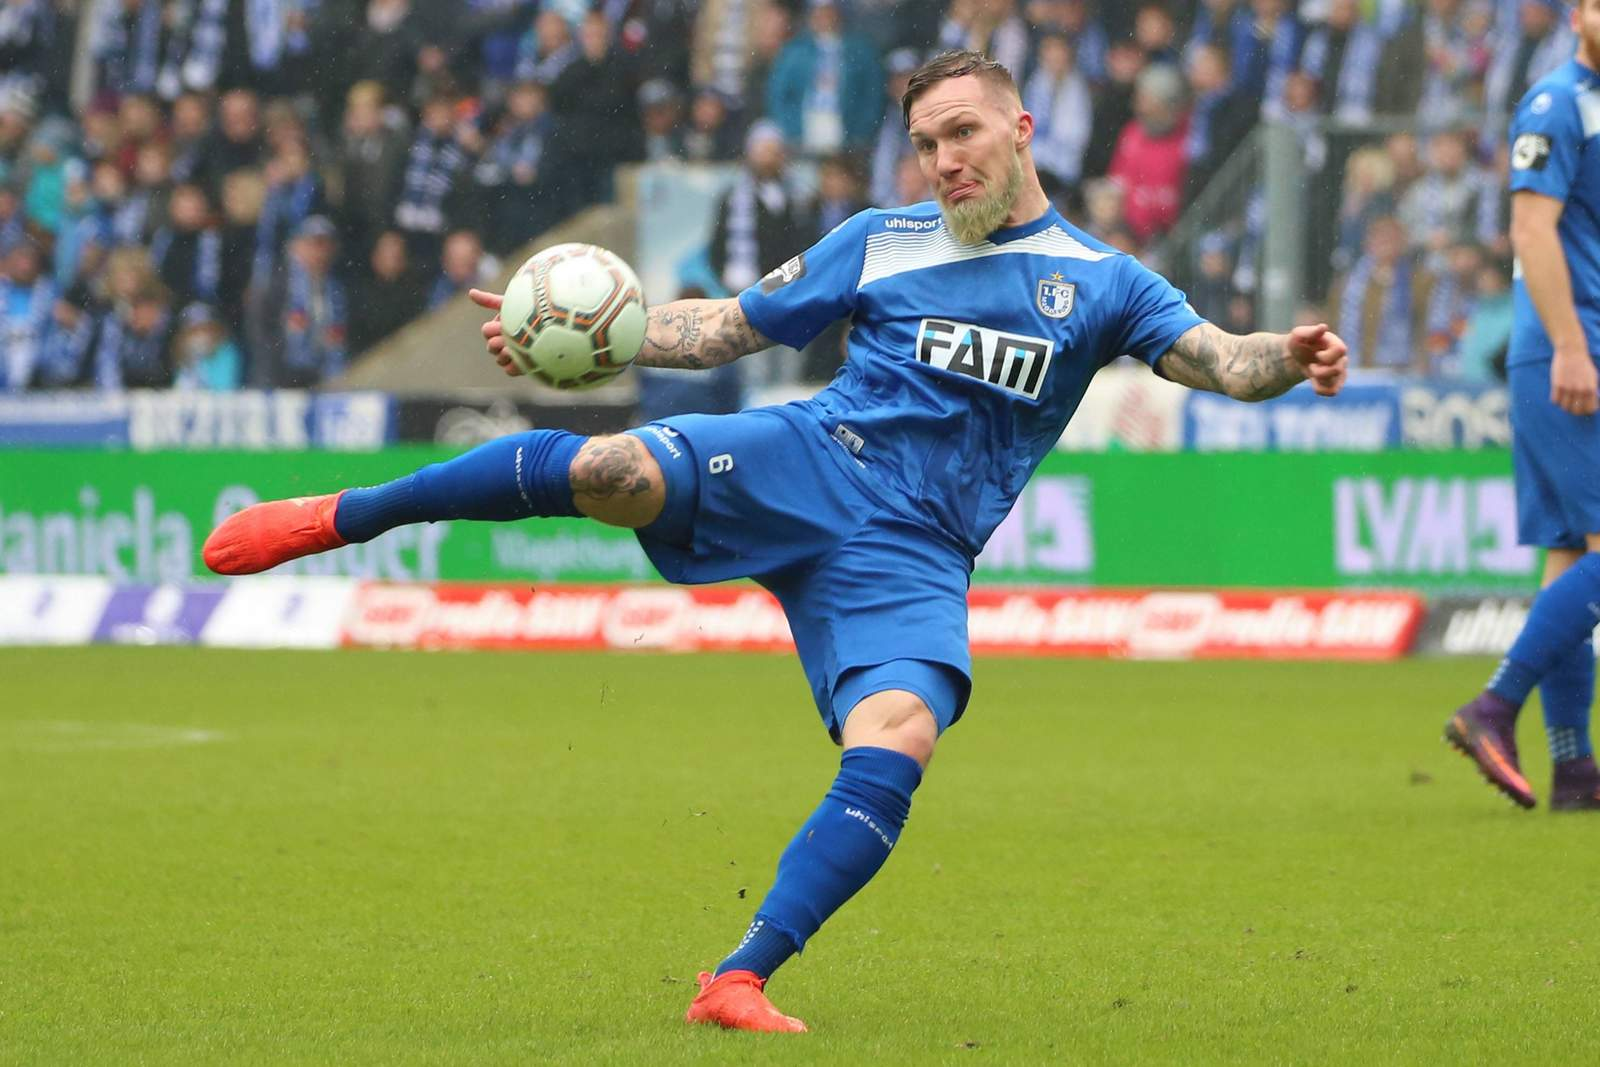 Jan Löhmannsröben im Einsatz für Magdeburg.